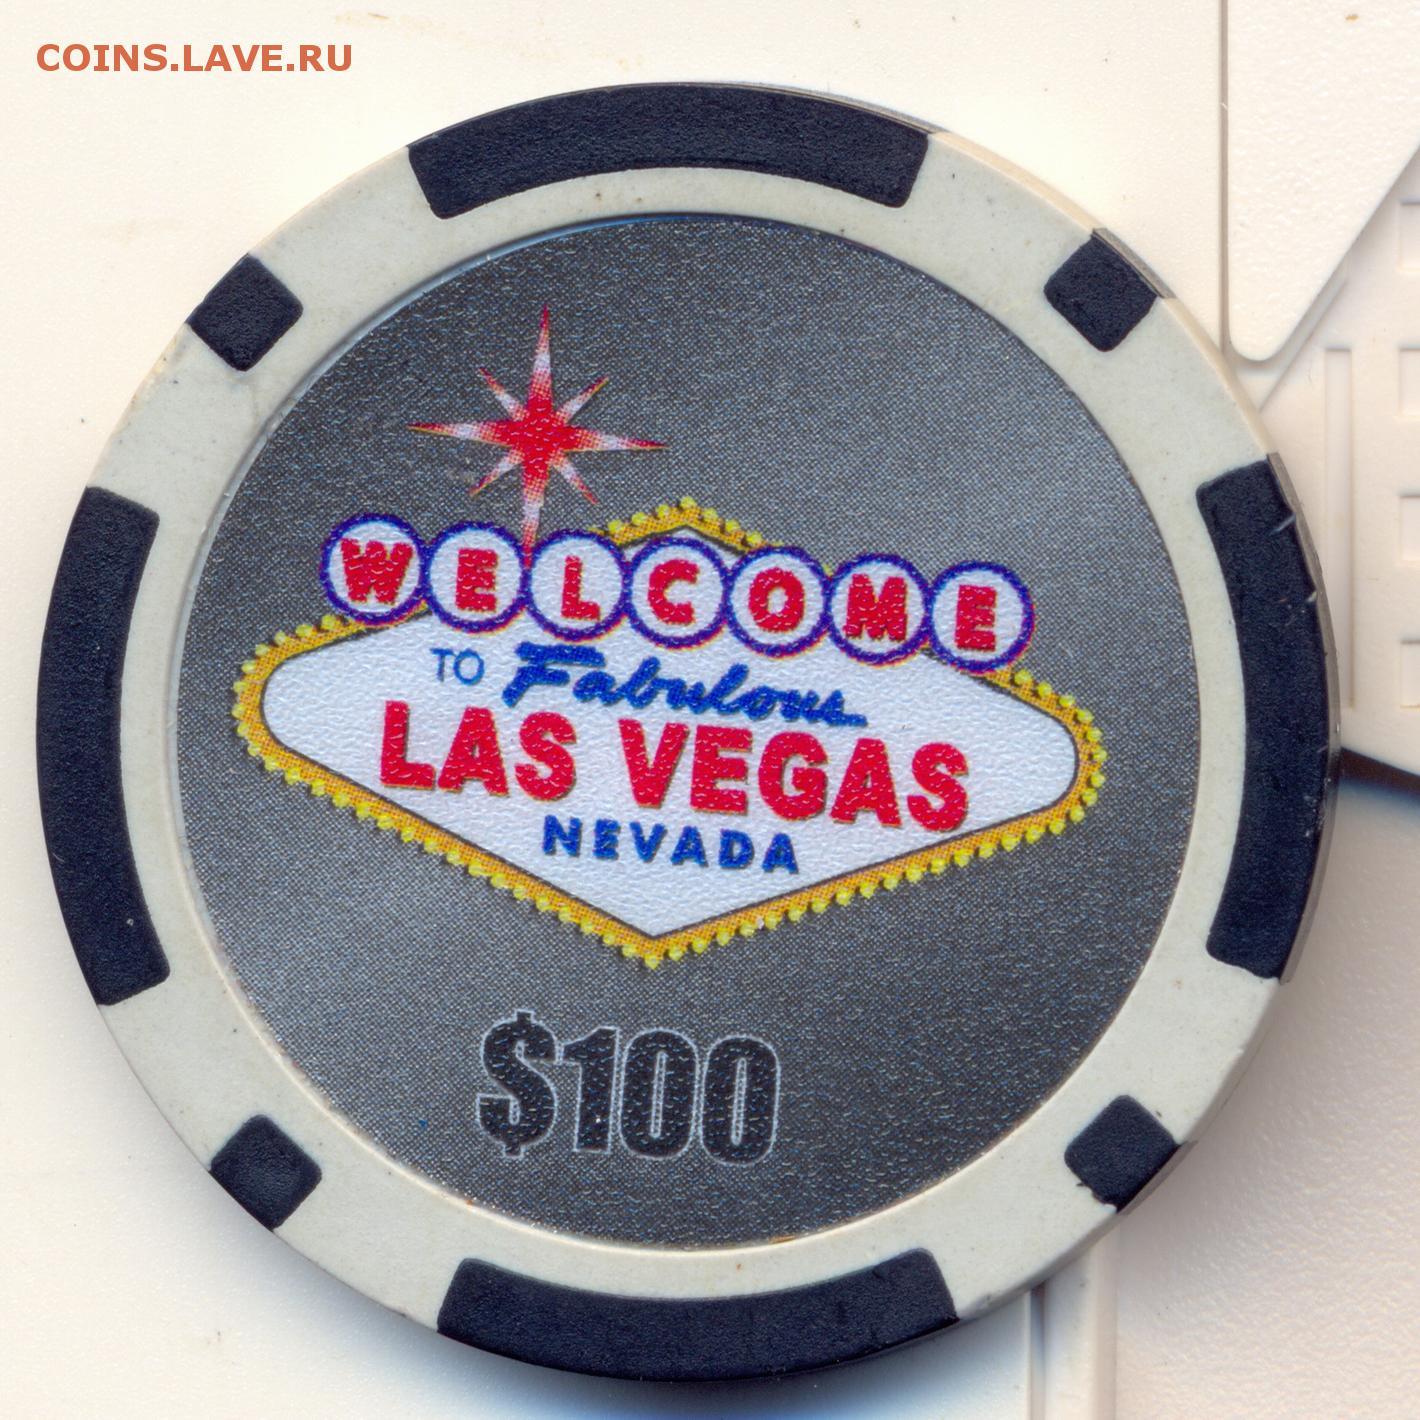 Фишка казино в неваде игровые автоматы онлайн бесплатно без смс и регистрации